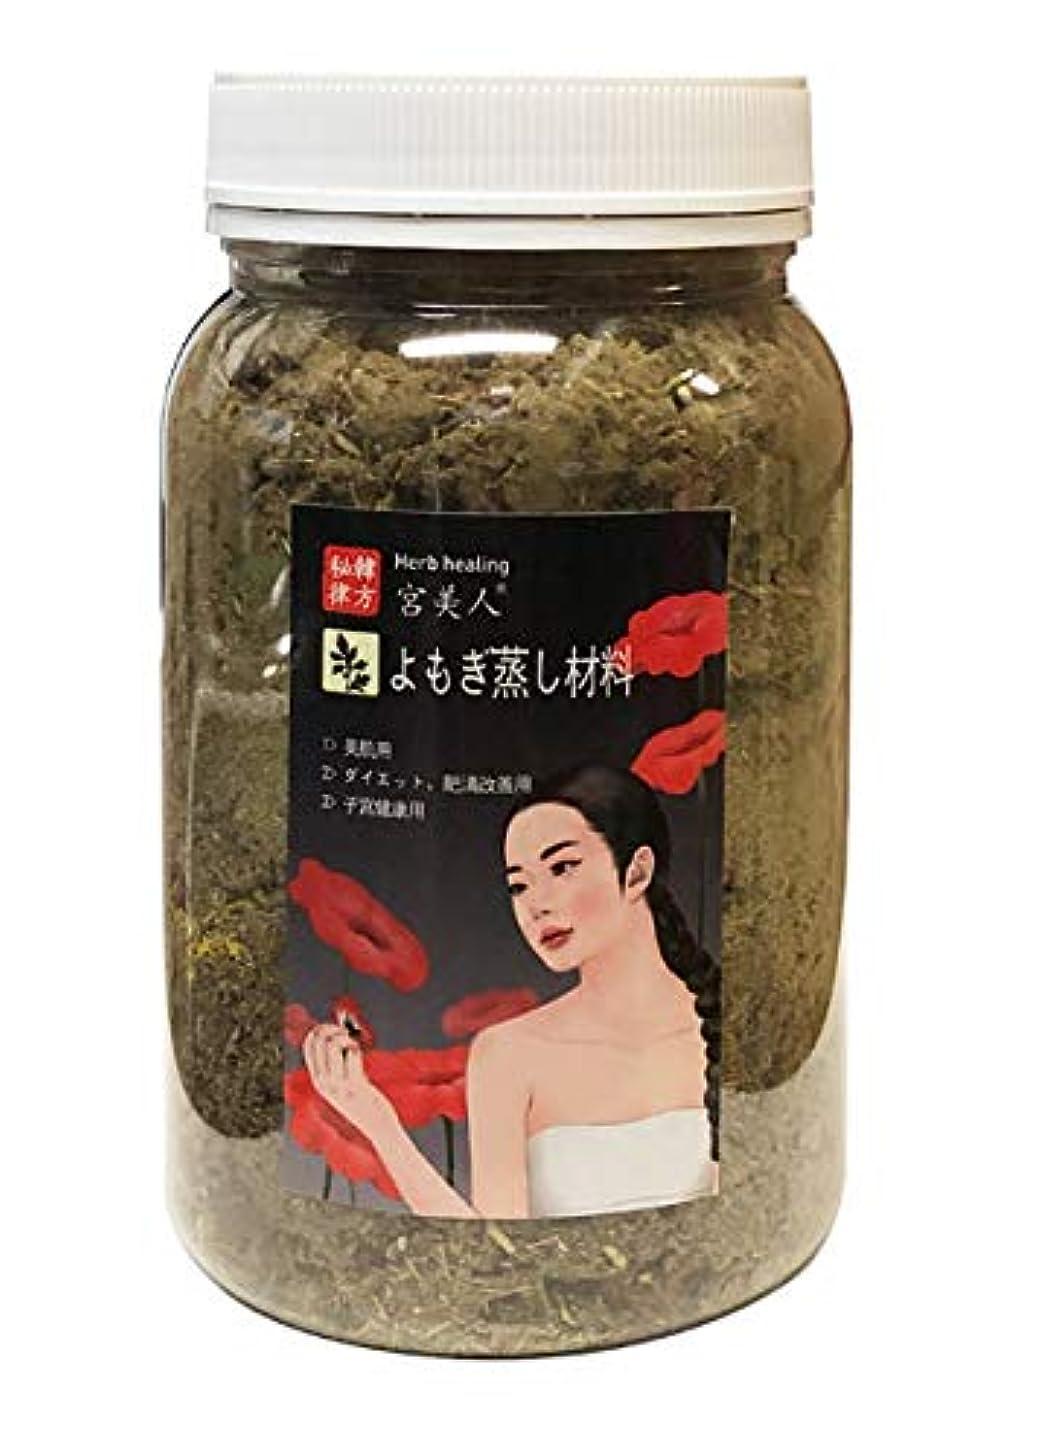 方言中央ドメイン韓方草ヨモギなど8種類の粉末、ヨモギ蒸し粉末材料 子宮健康管理用230グラム